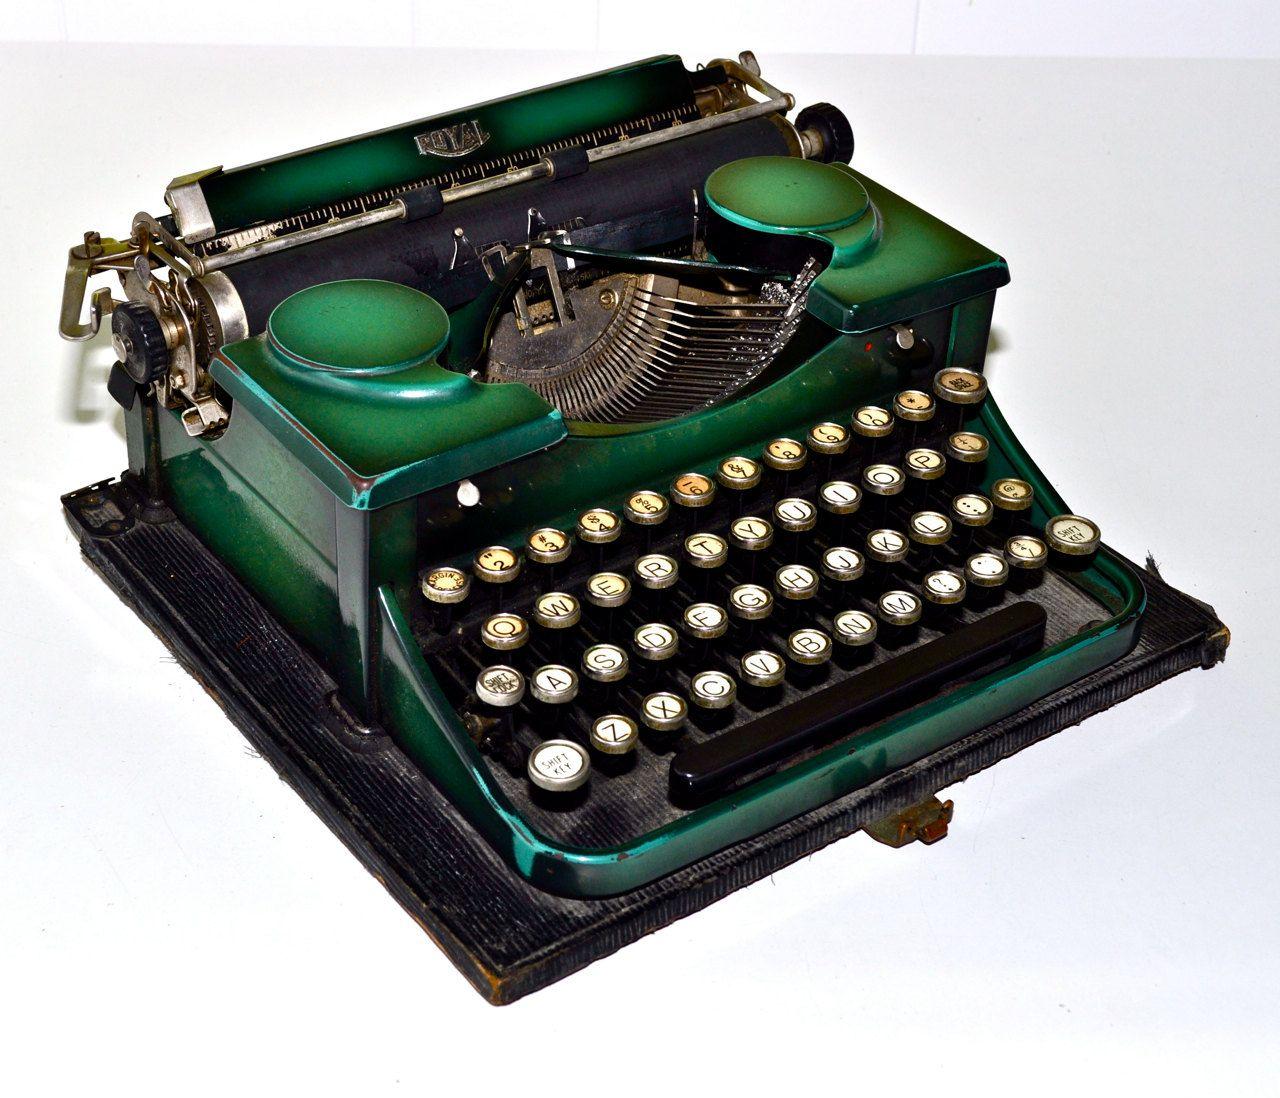 Charming Vintage Royal Portable Typewriter Part - 5: ROYAL PORTABLE Early 1930s Antique Typewriter Emerald Green